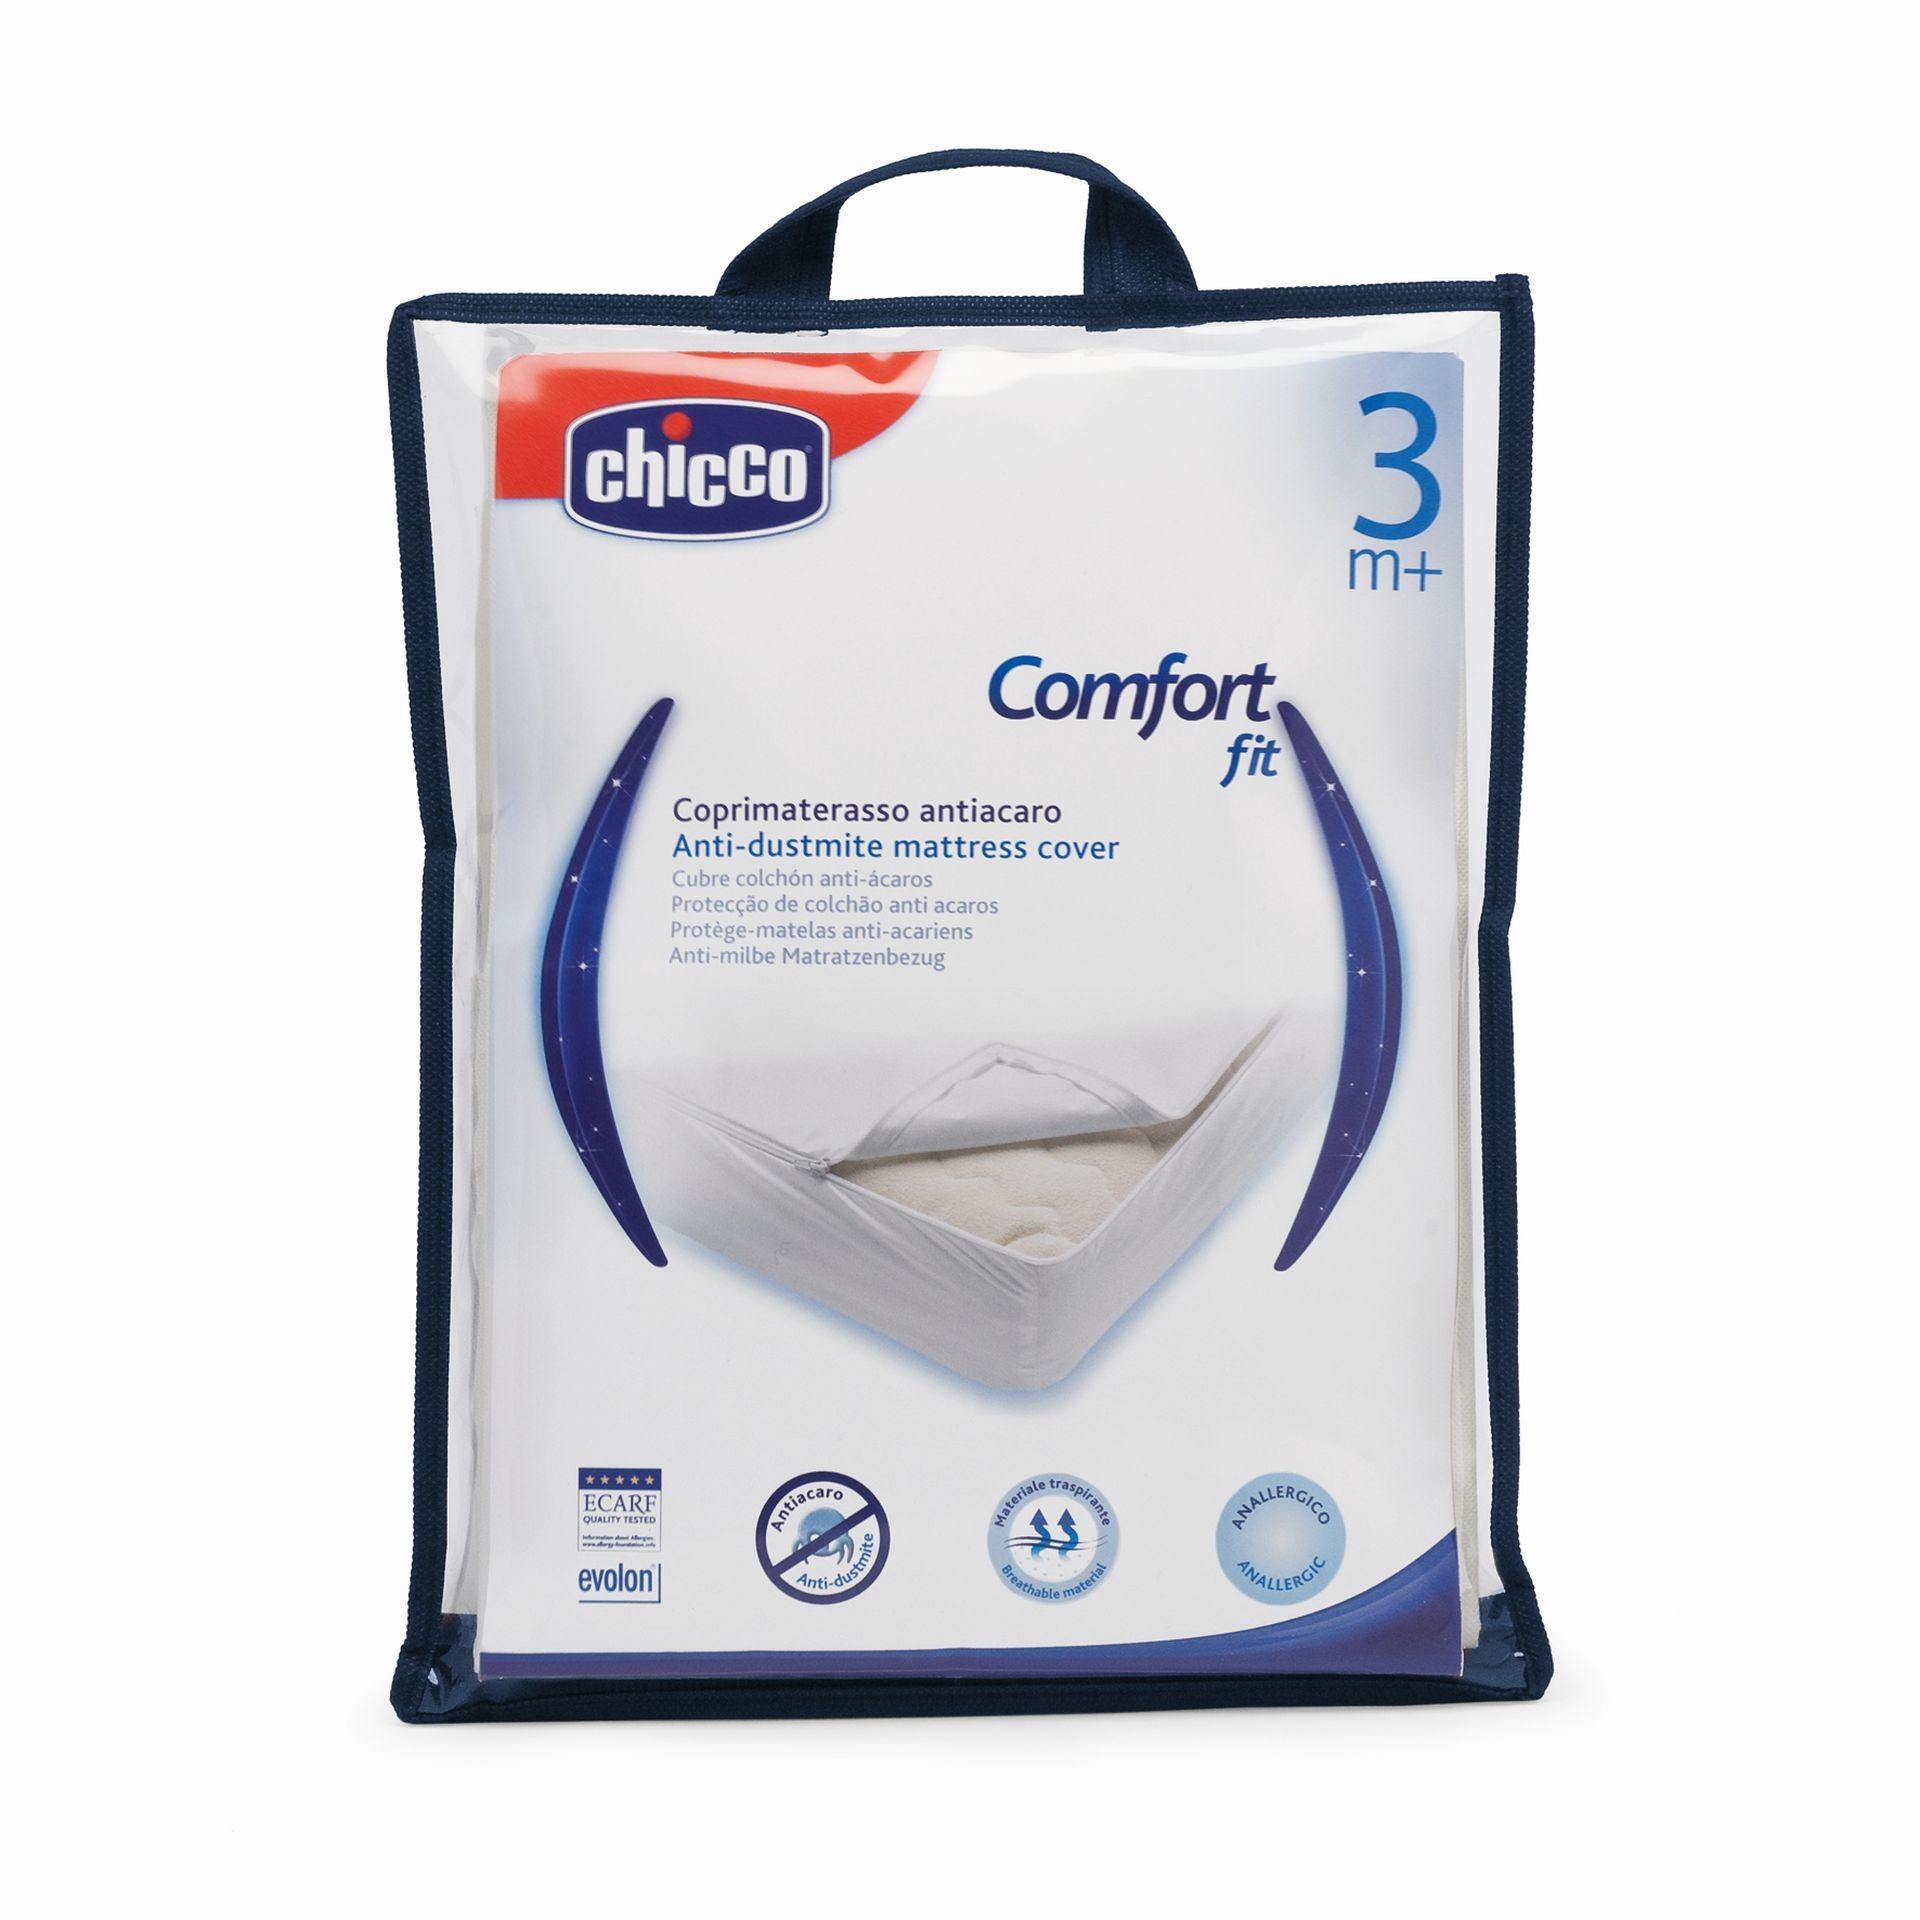 Chicco Matratzenbezug mit Milbenschutz, antiallergisch